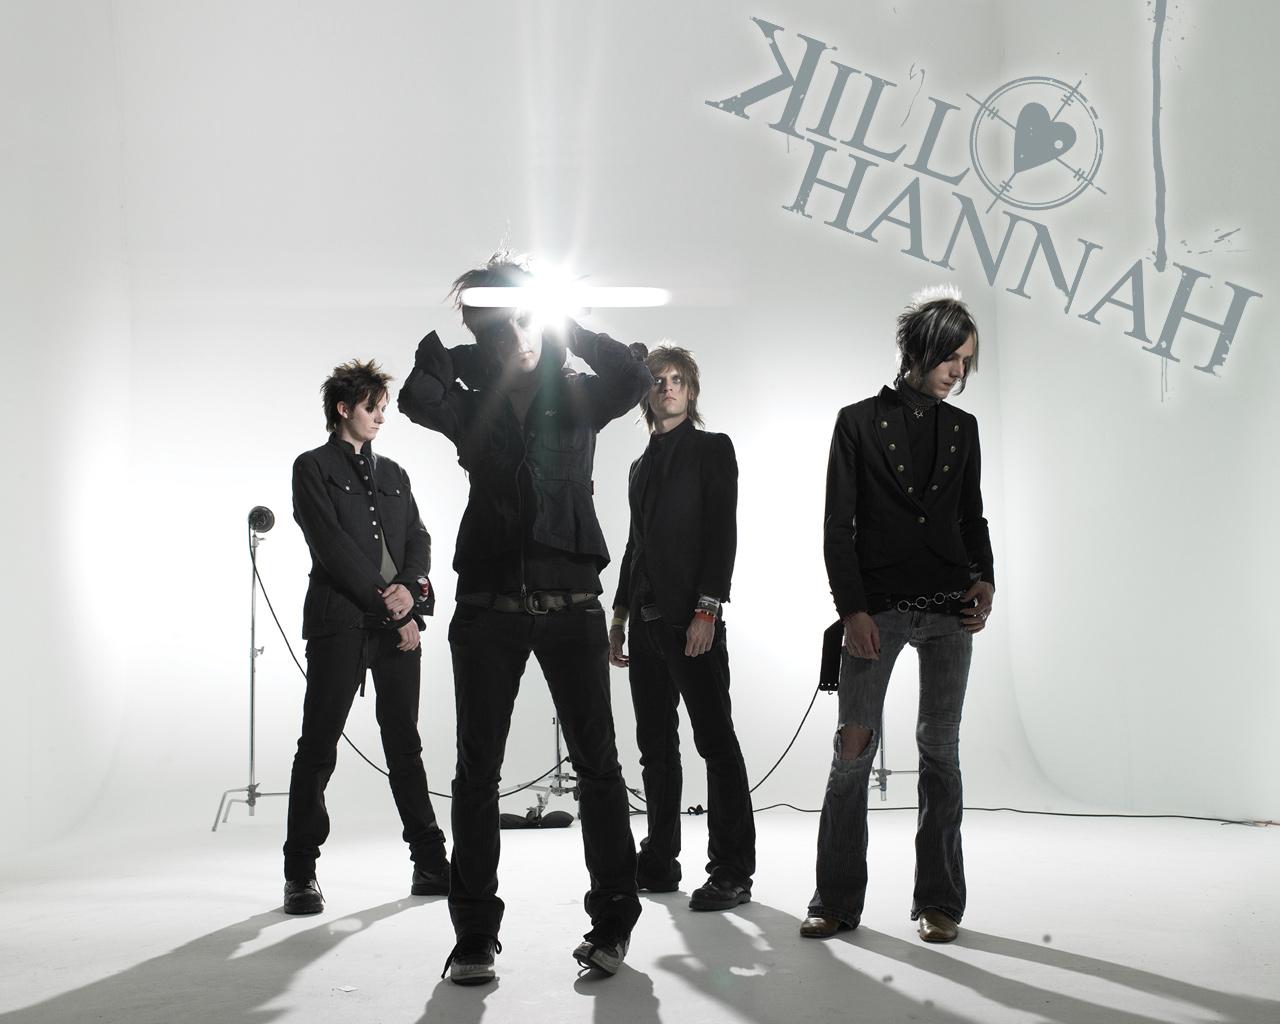 favorite Kill Hannah songs